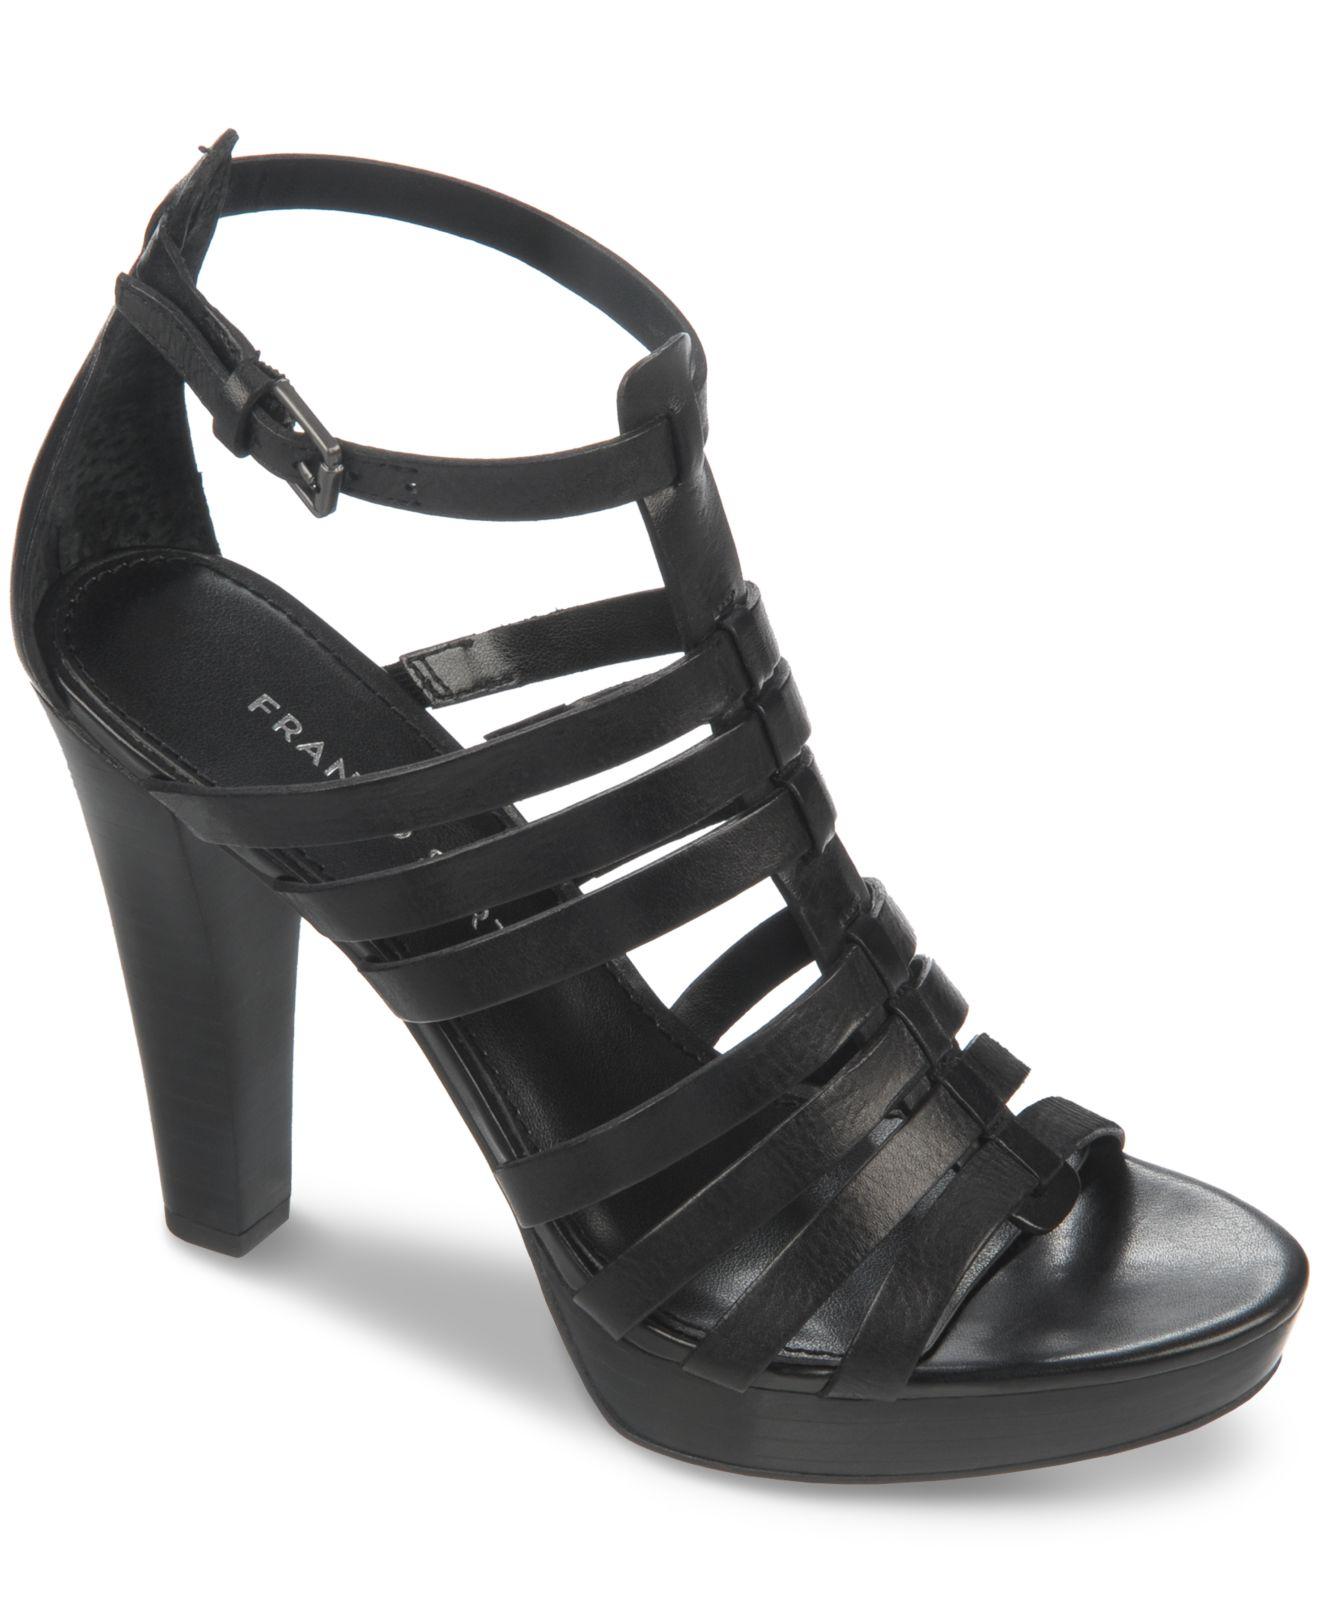 0f76221d997 Lyst - Franco Sarto Bauble Platform Gladiator Sandals in Black